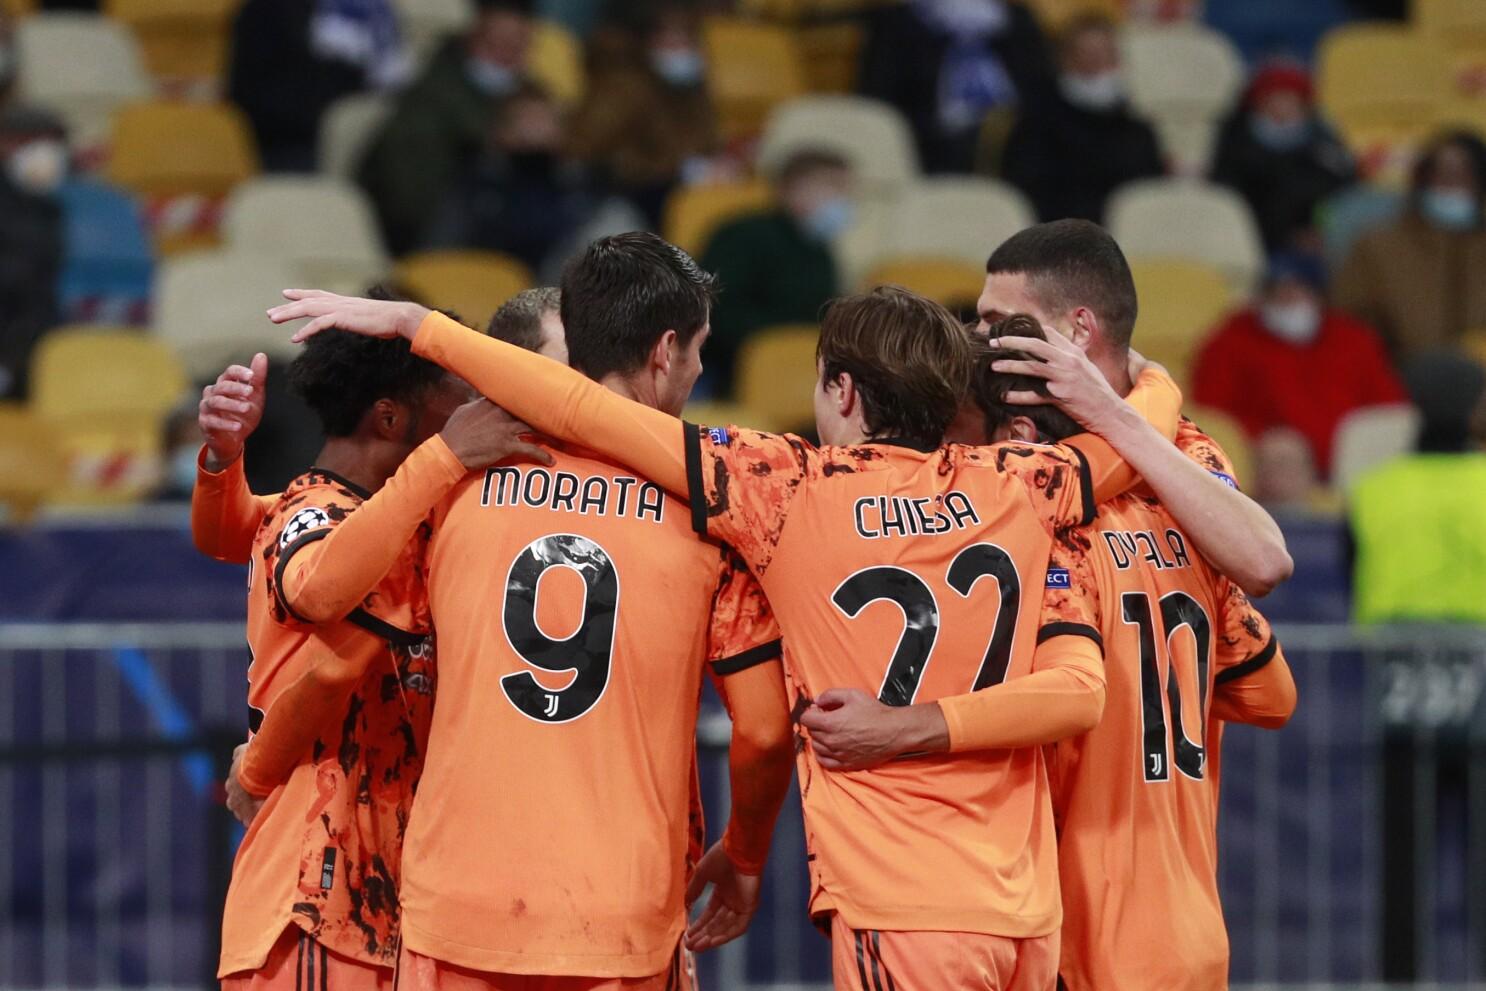 Morata Scores Twice As Ronaldo Less Juventus Tops Dynamo 2 0 The San Diego Union Tribune